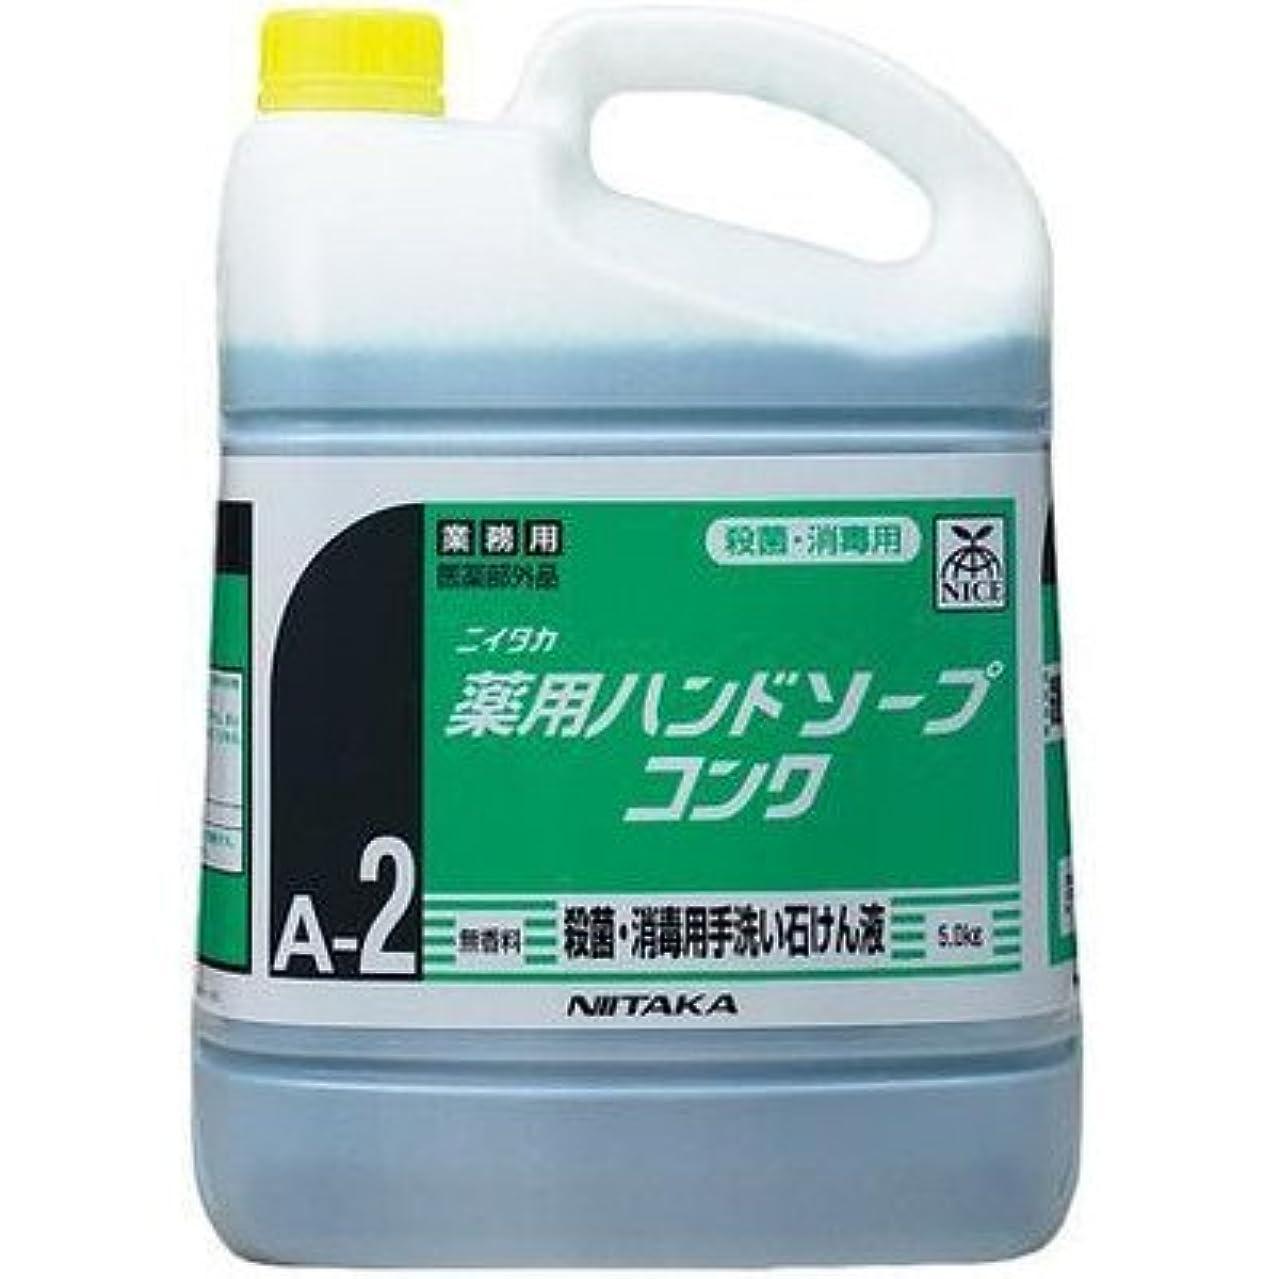 温室表現形容詞ニイタカ 業務用手洗い石けん液 薬用ハンドソープコンク(A-2) 5kg×3本